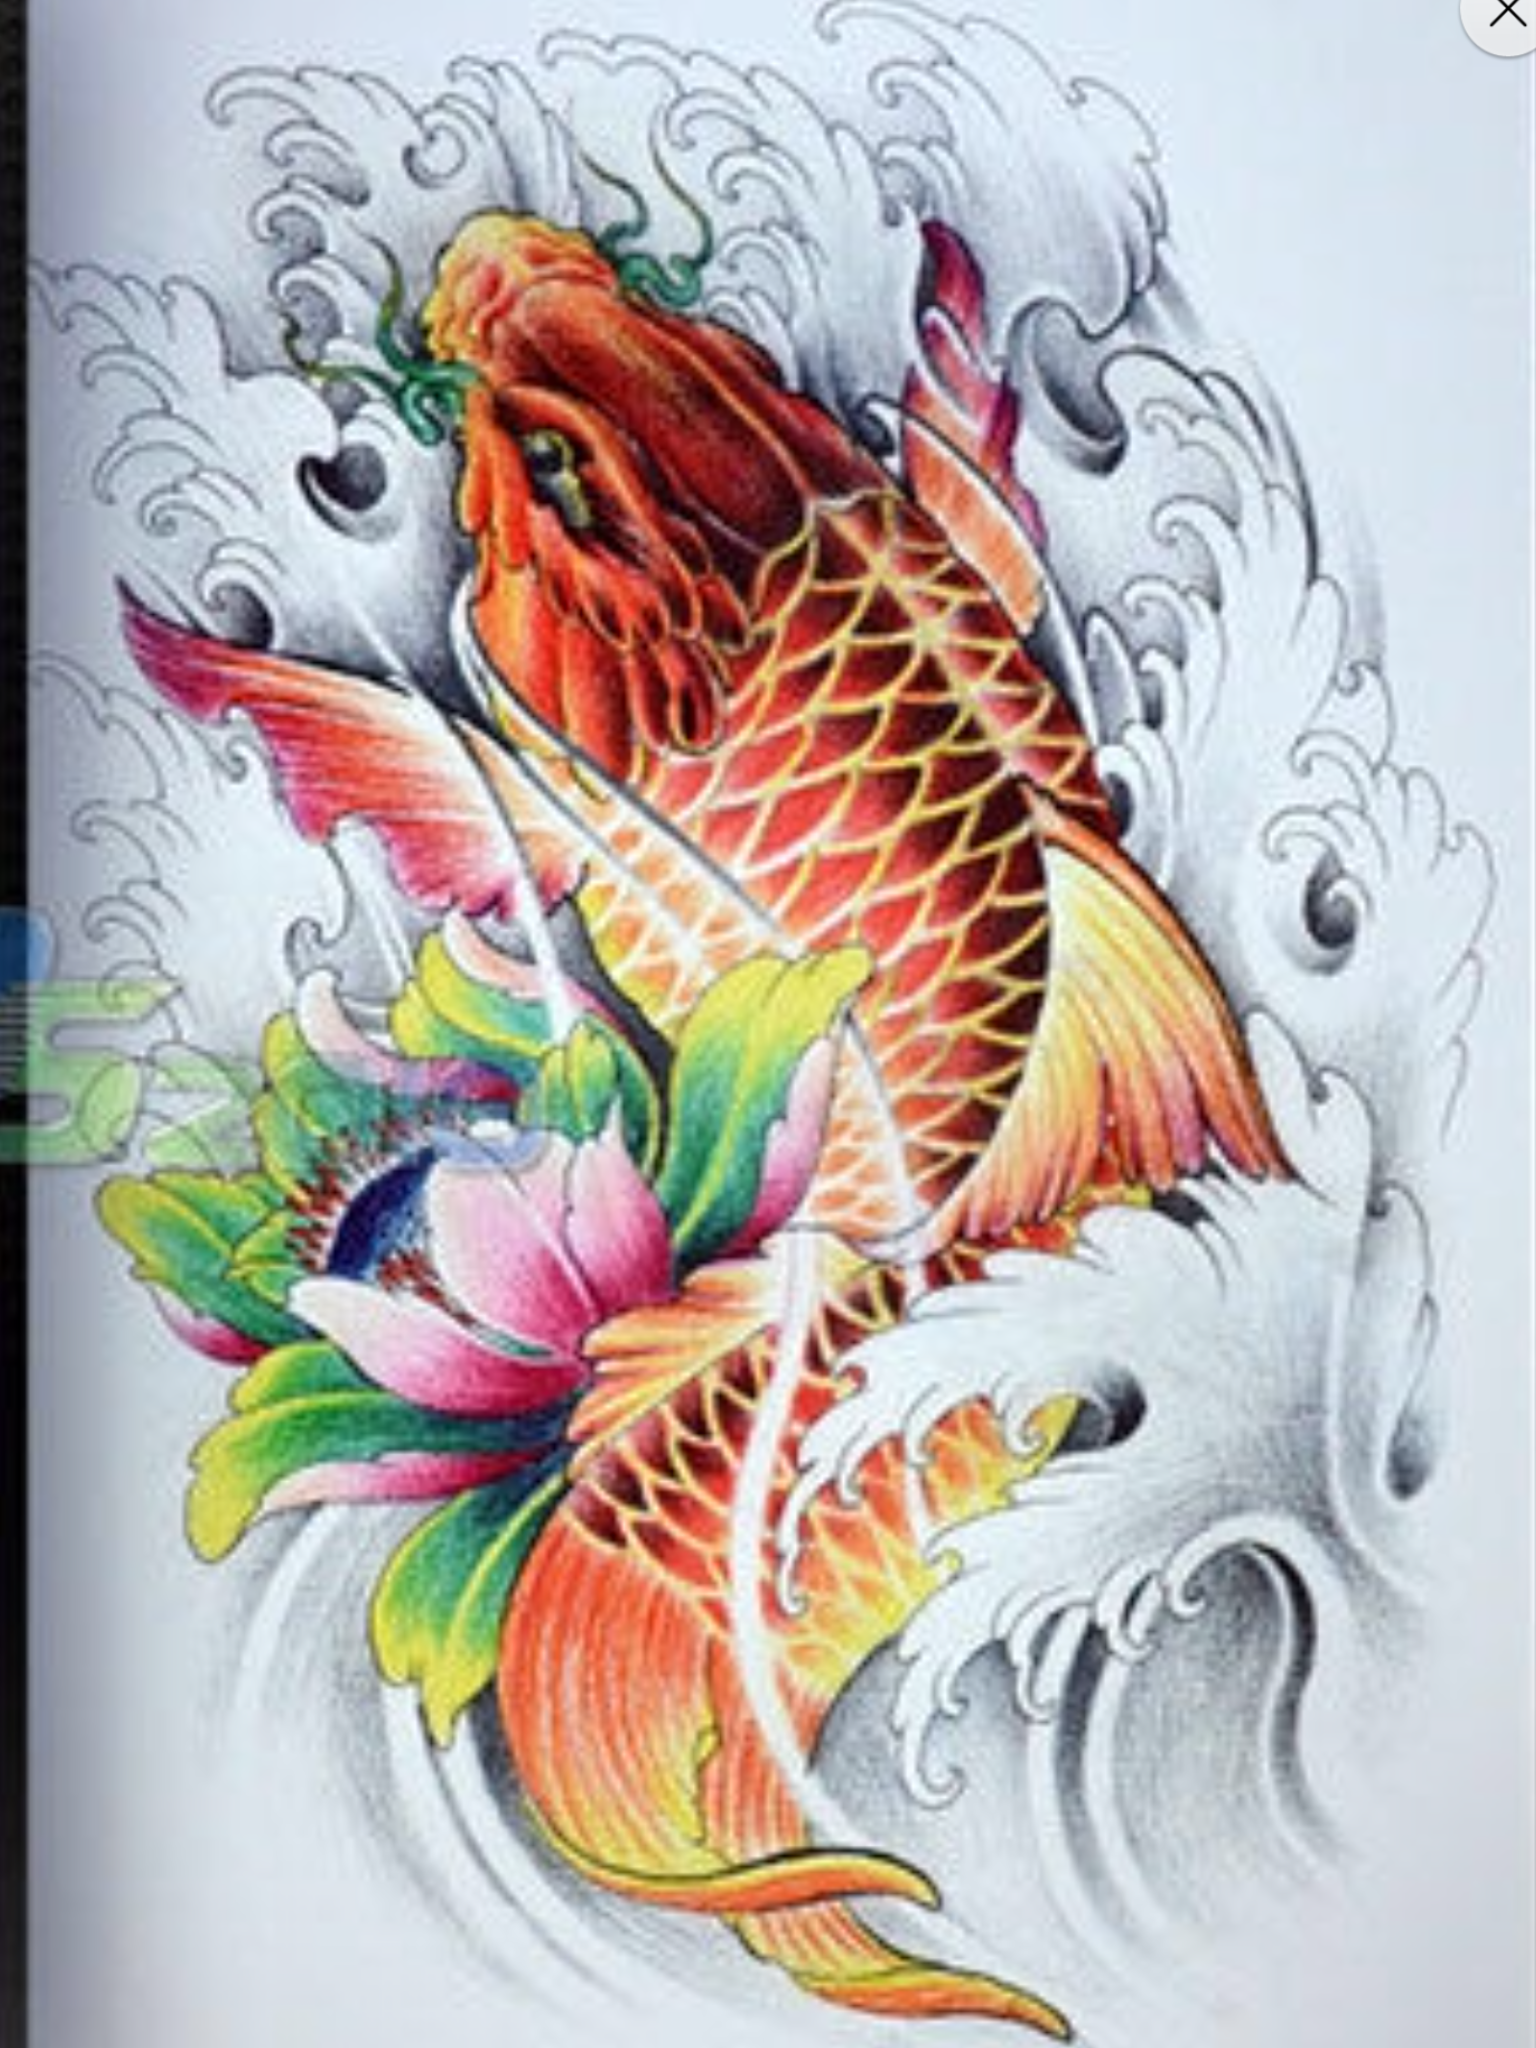 tattoo koi fish koi fish tattoo koi fish drawing v koi. Black Bedroom Furniture Sets. Home Design Ideas